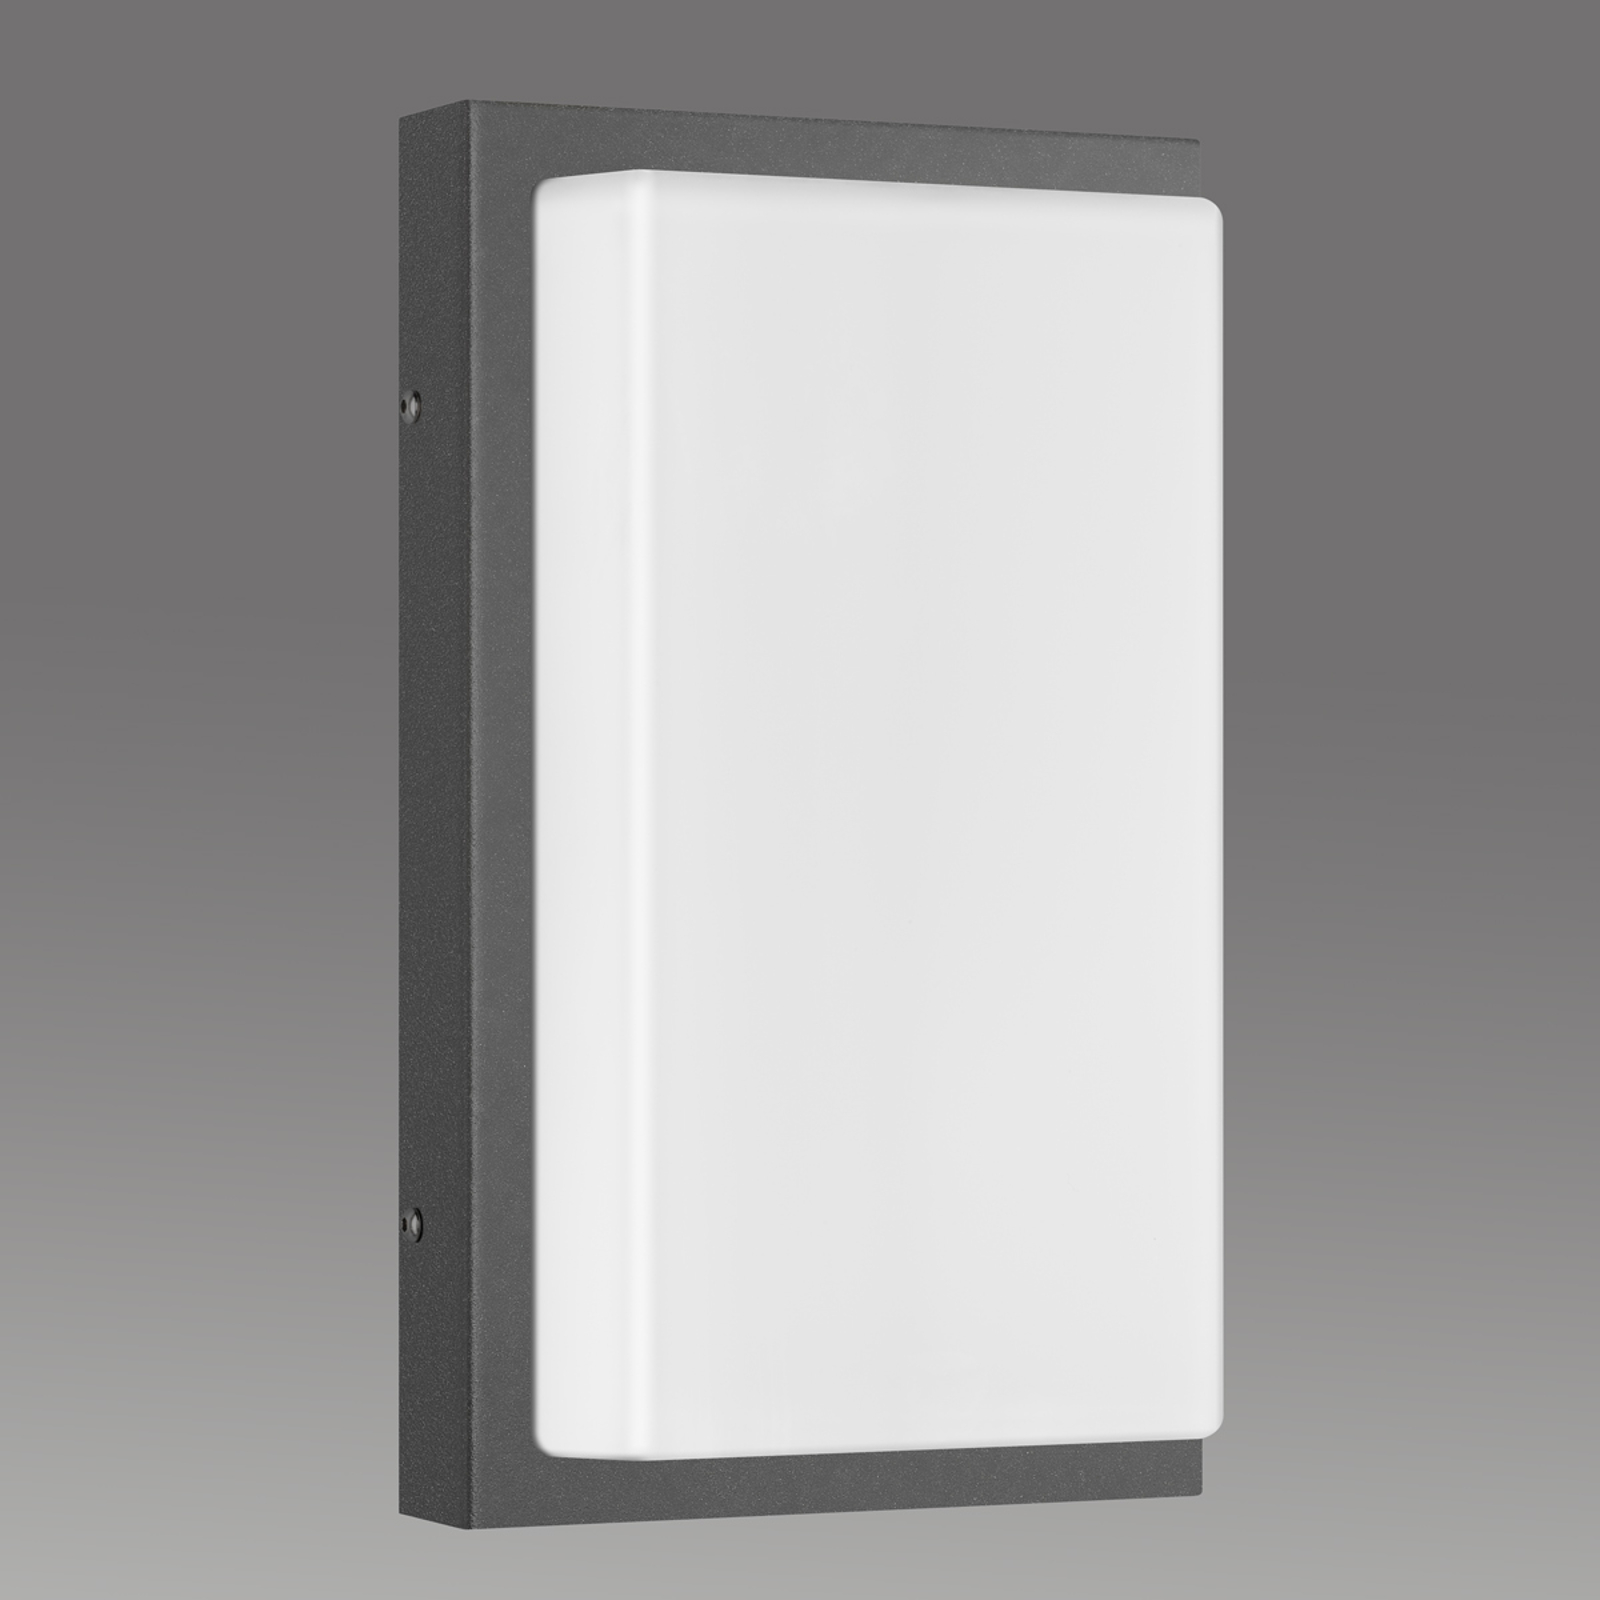 Applique d'ext. Babett E27 sans capteur graphite